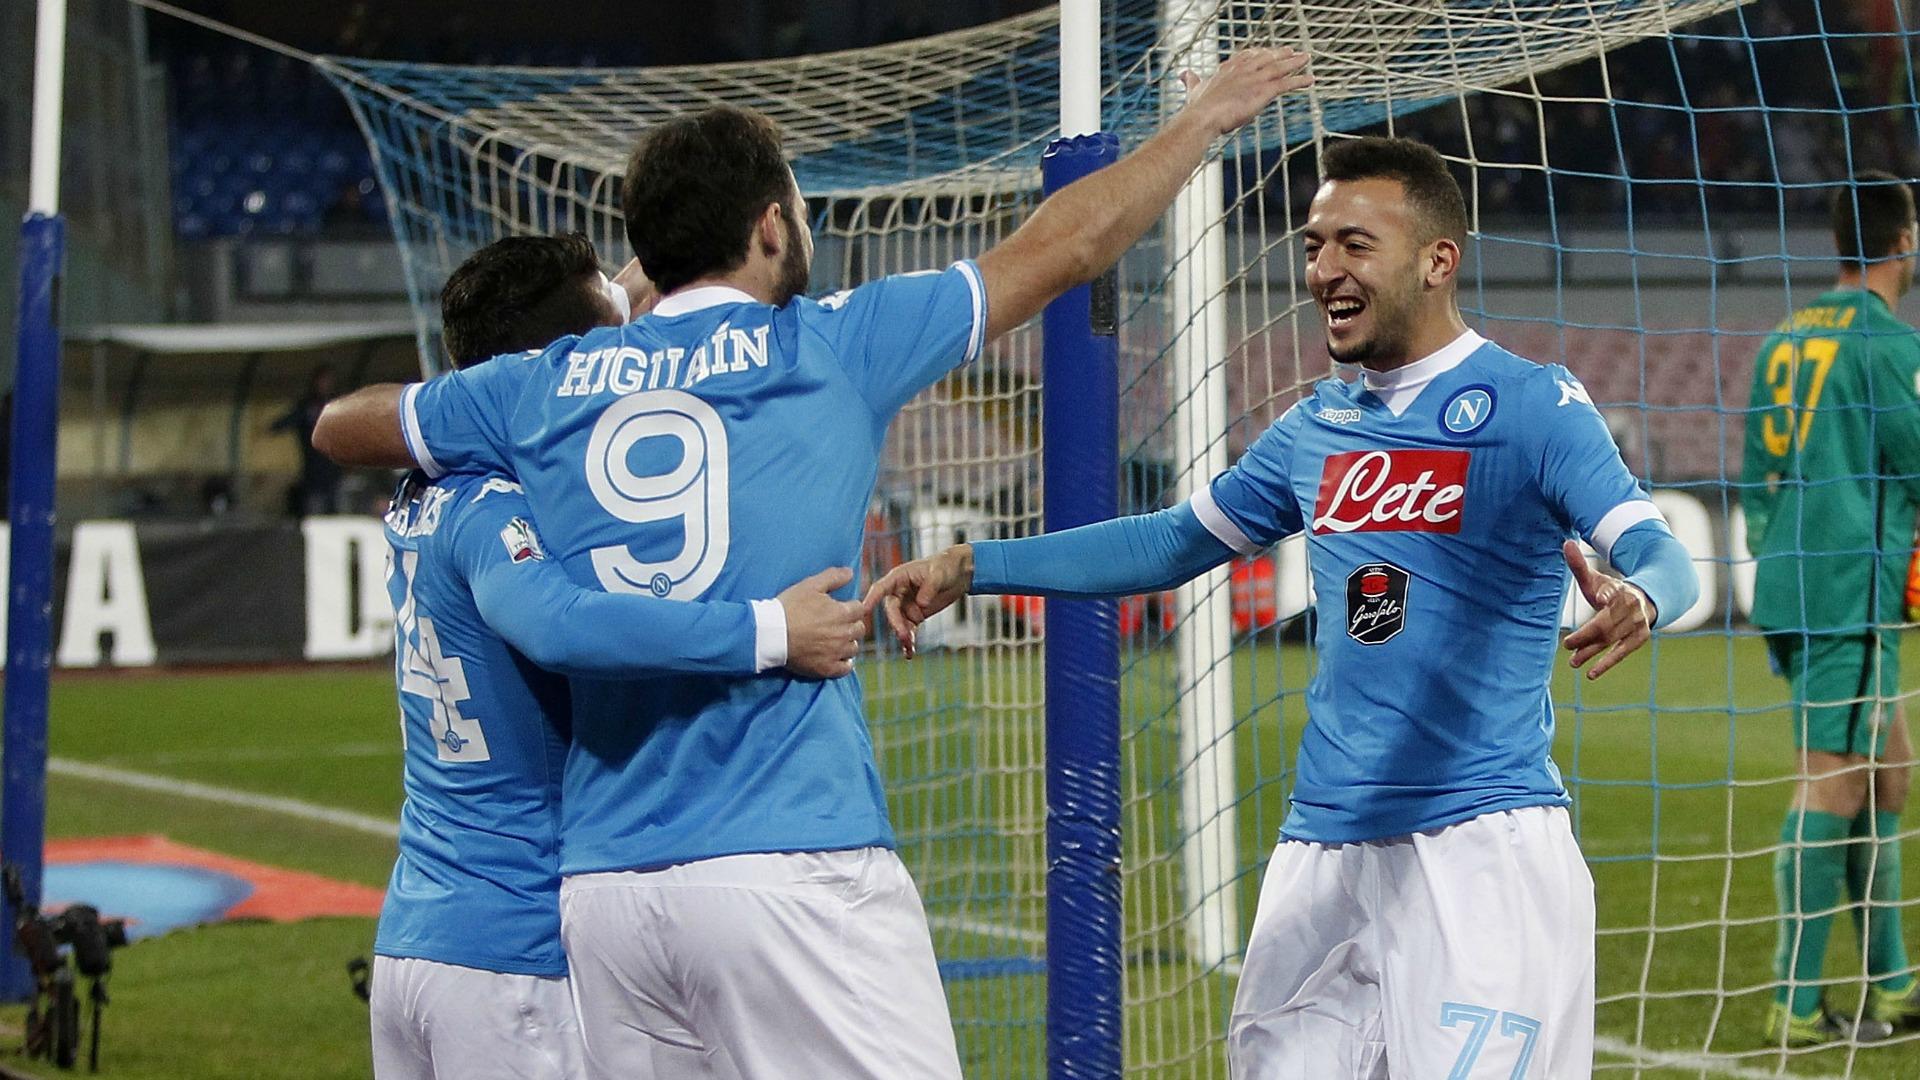 Image Result For Vivo Udinese Vs Roma En Vivo In Uefa